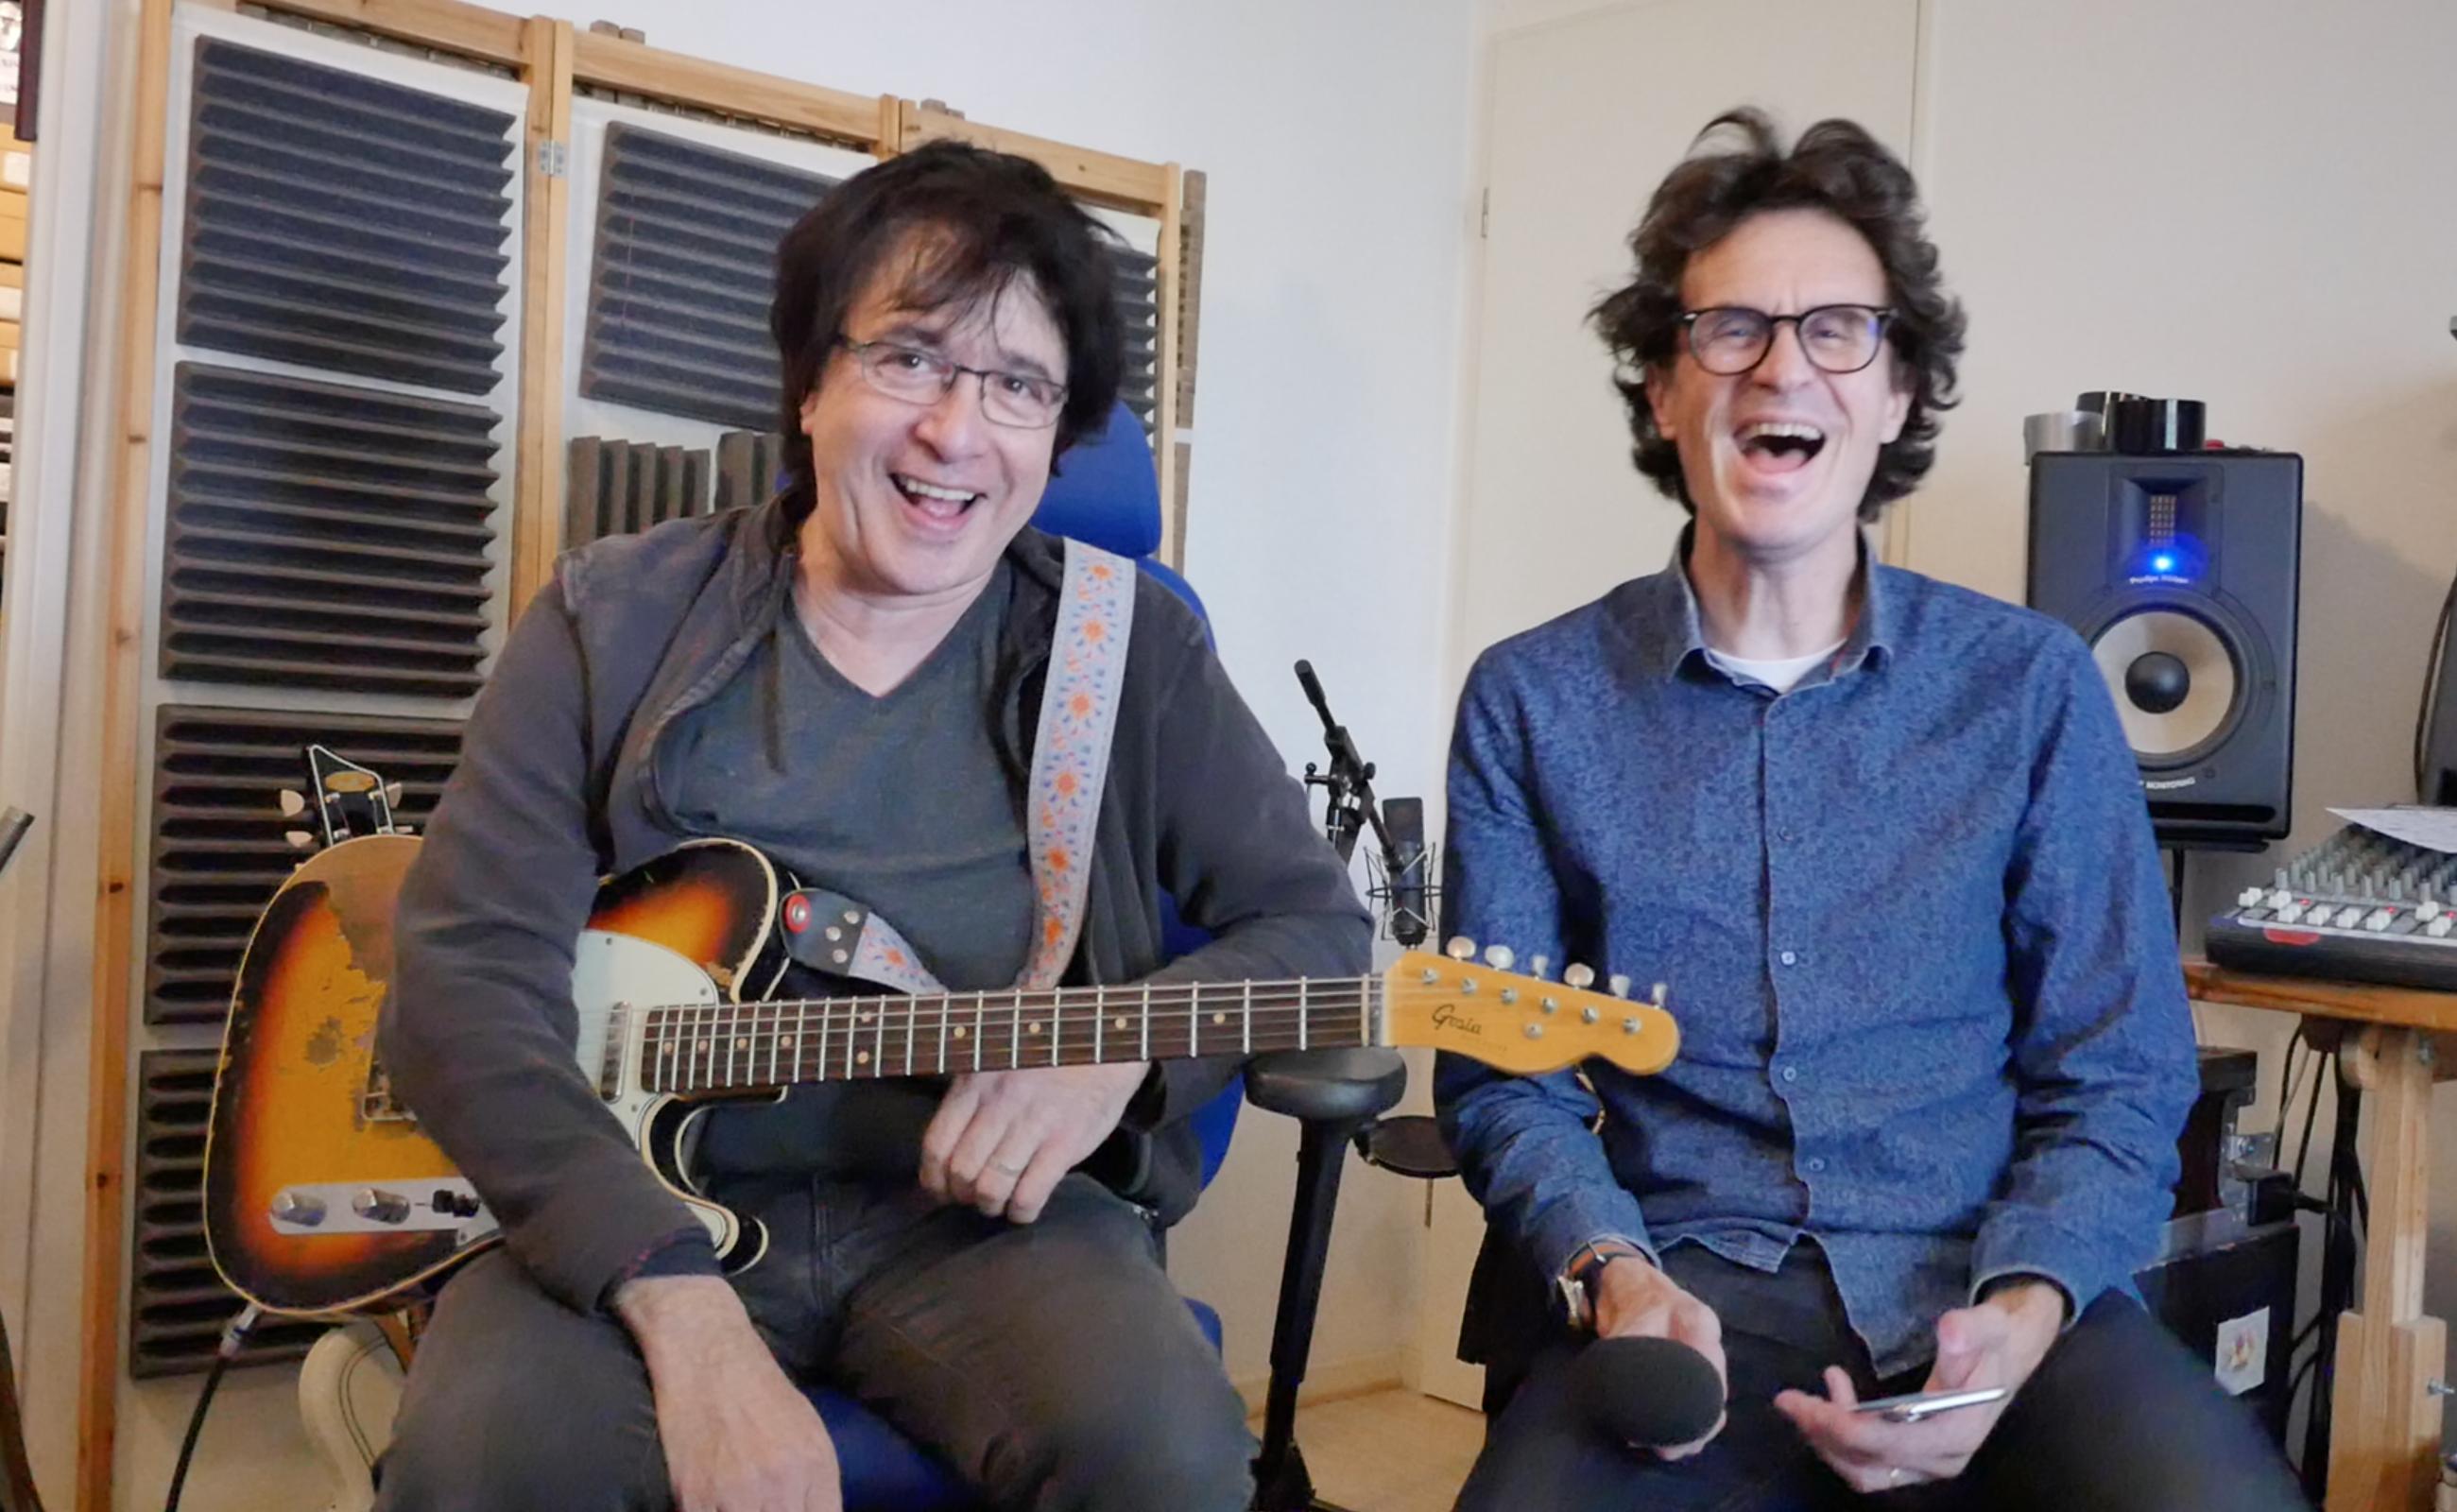 Guitariste d'Alain Souchon, interview Michel-Yves Kochmann guitare à la main, première partie